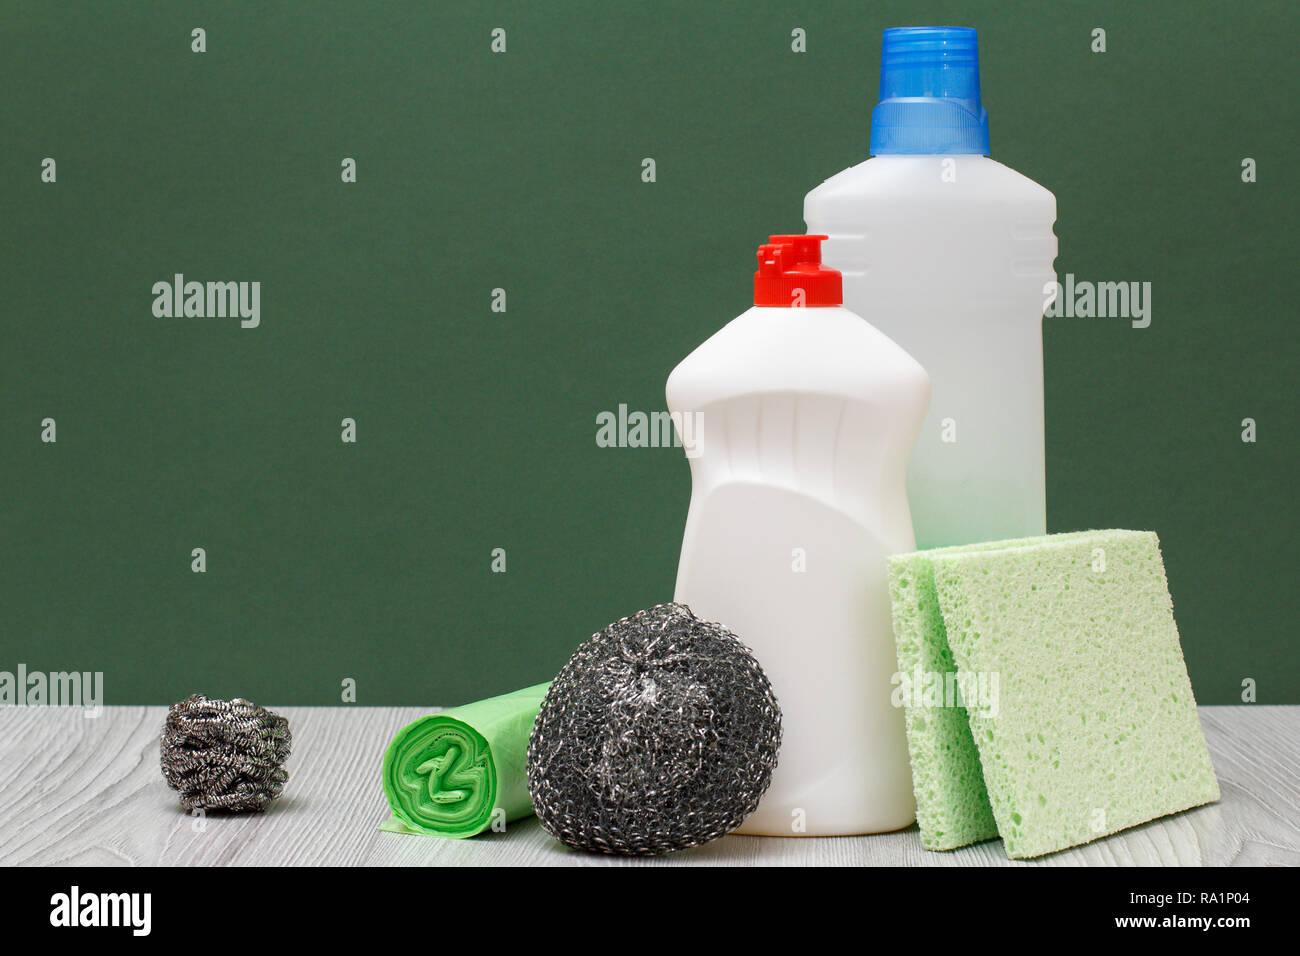 bottle ovens stock photos bottle ovens stock images alamy. Black Bedroom Furniture Sets. Home Design Ideas